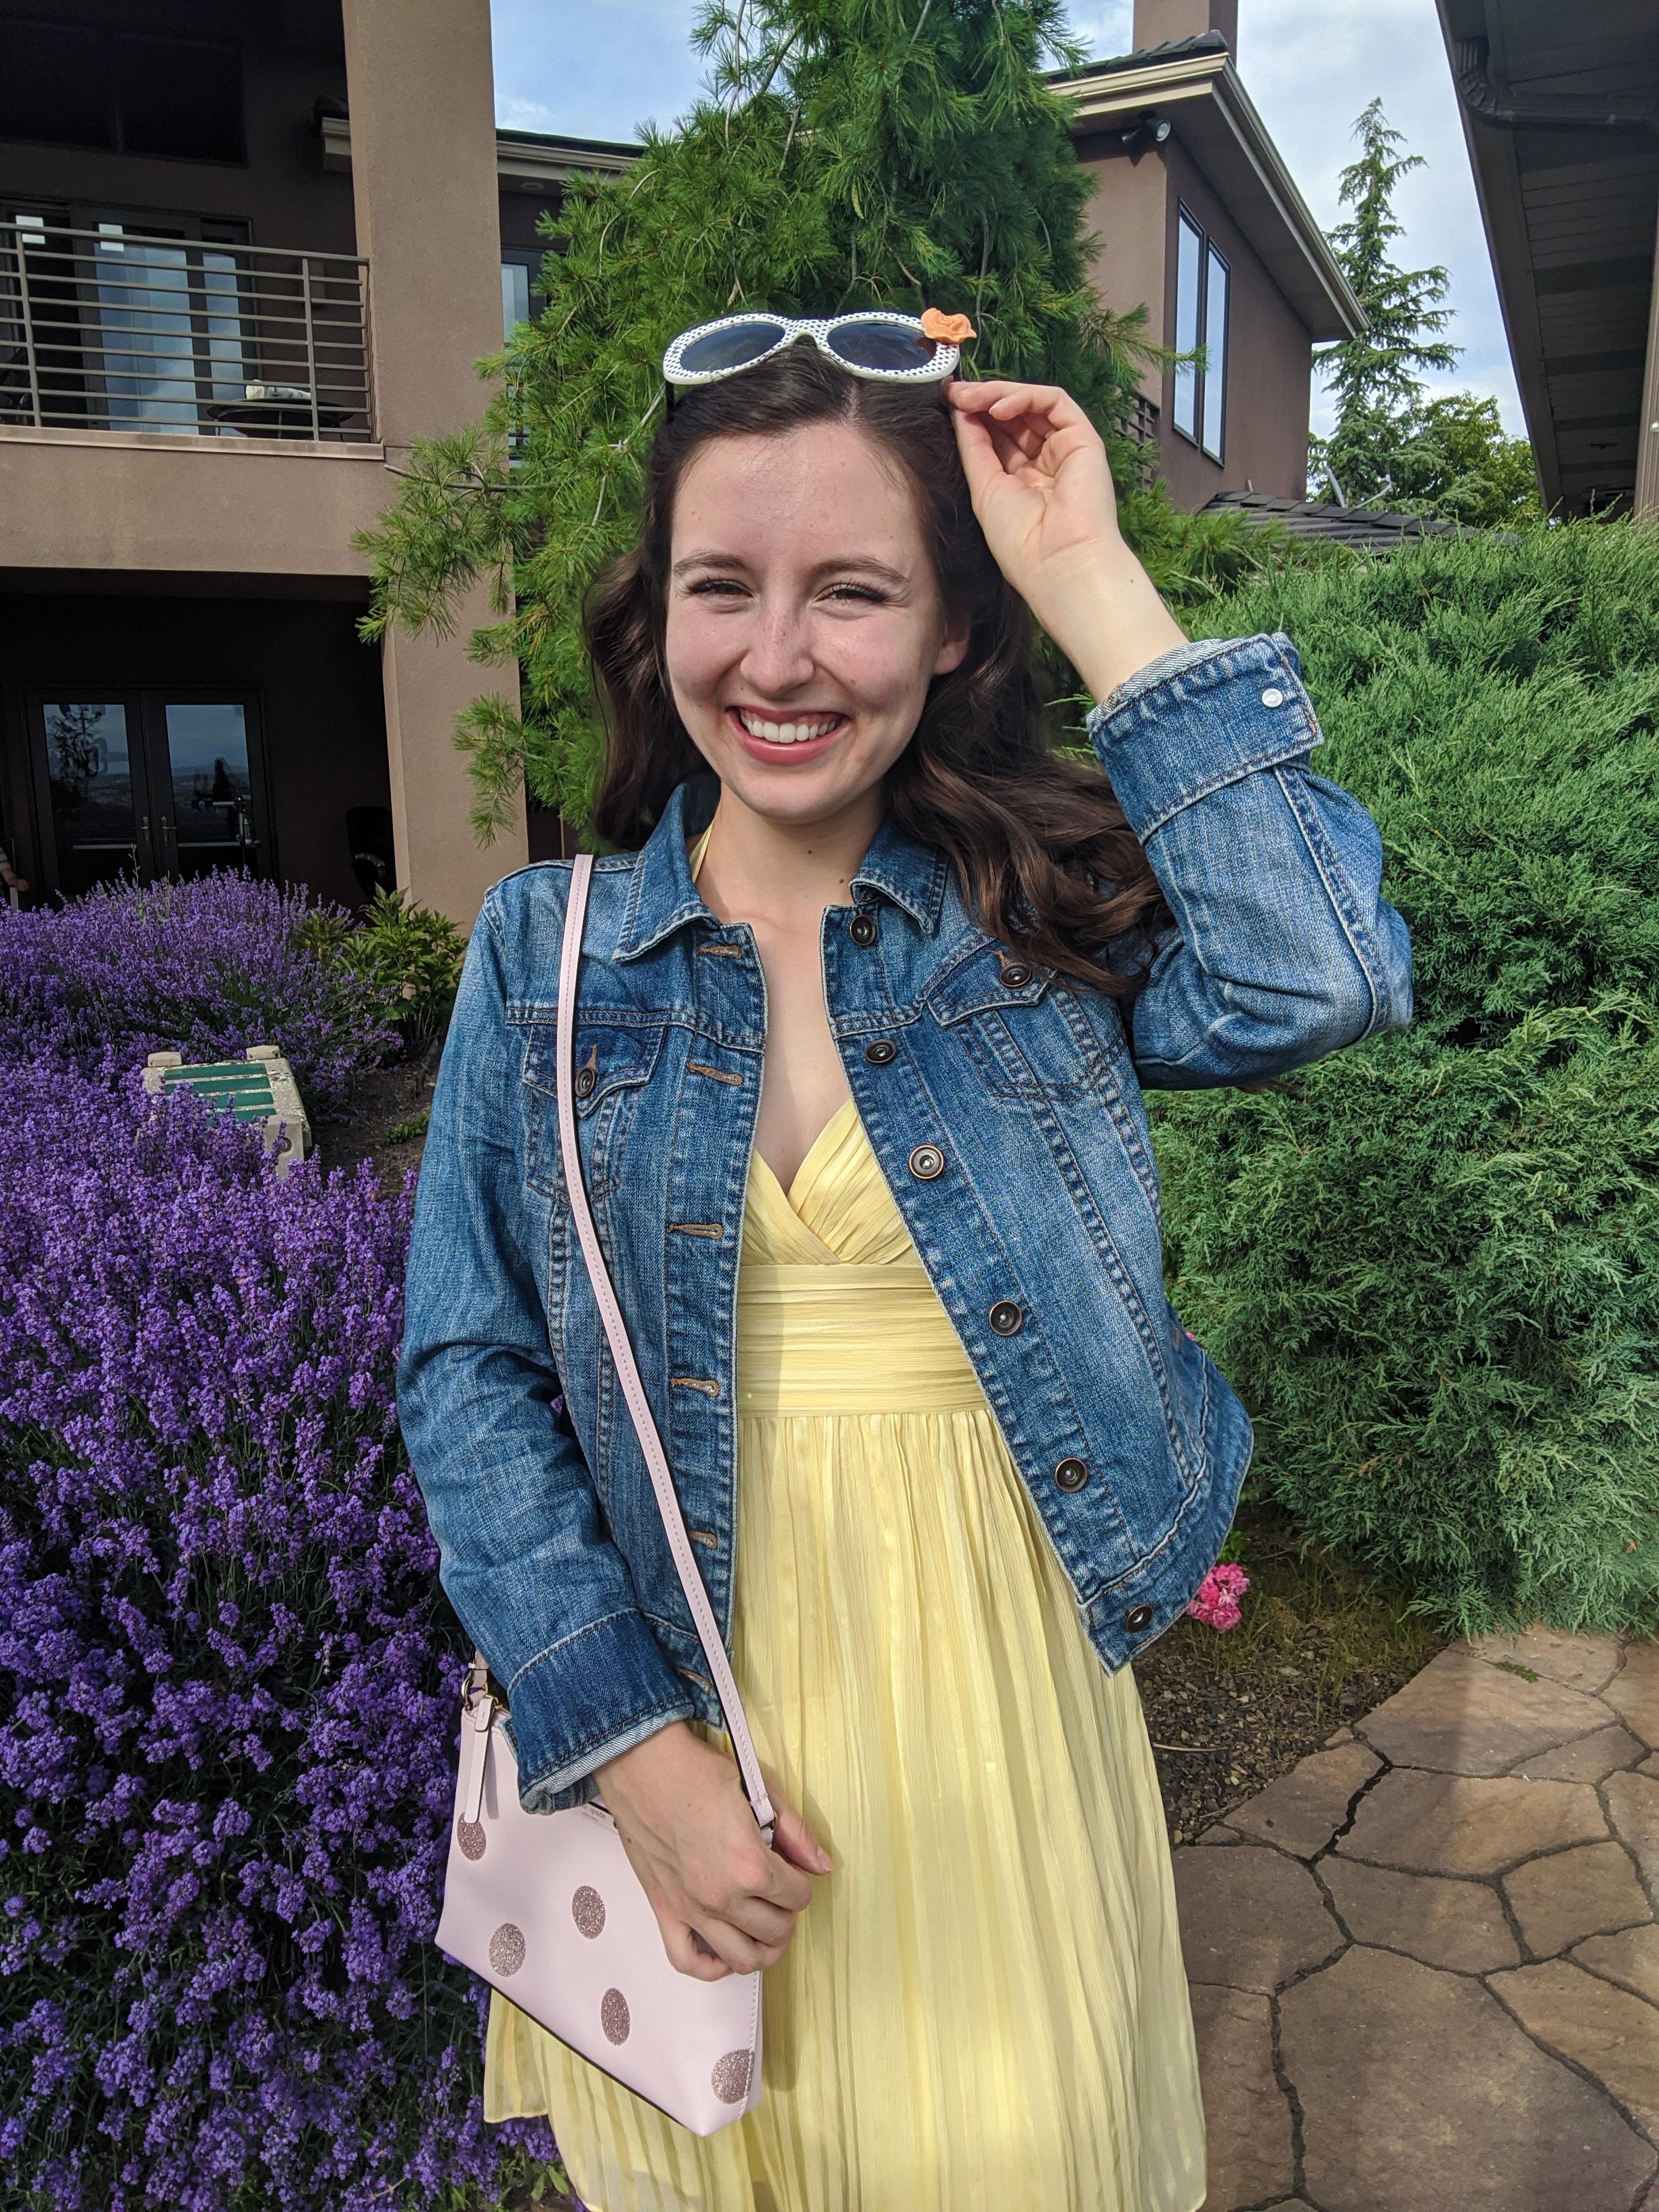 polkadot-sunglasses-yellow-dress-pink-kate-spade-purse